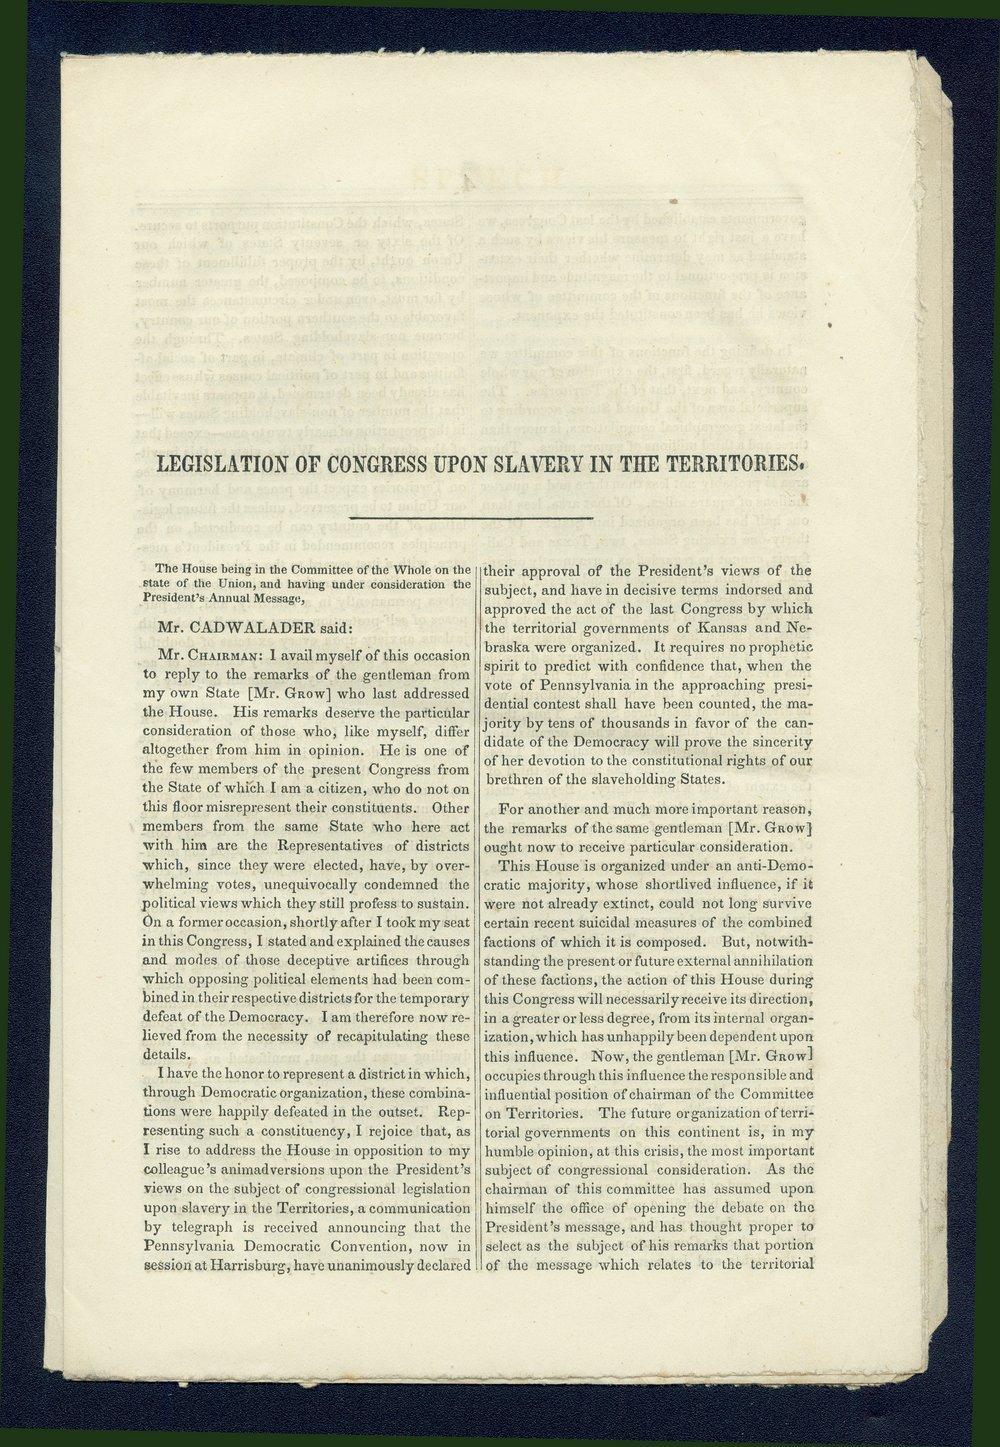 Speech of Congressman John Cadwalader - 3